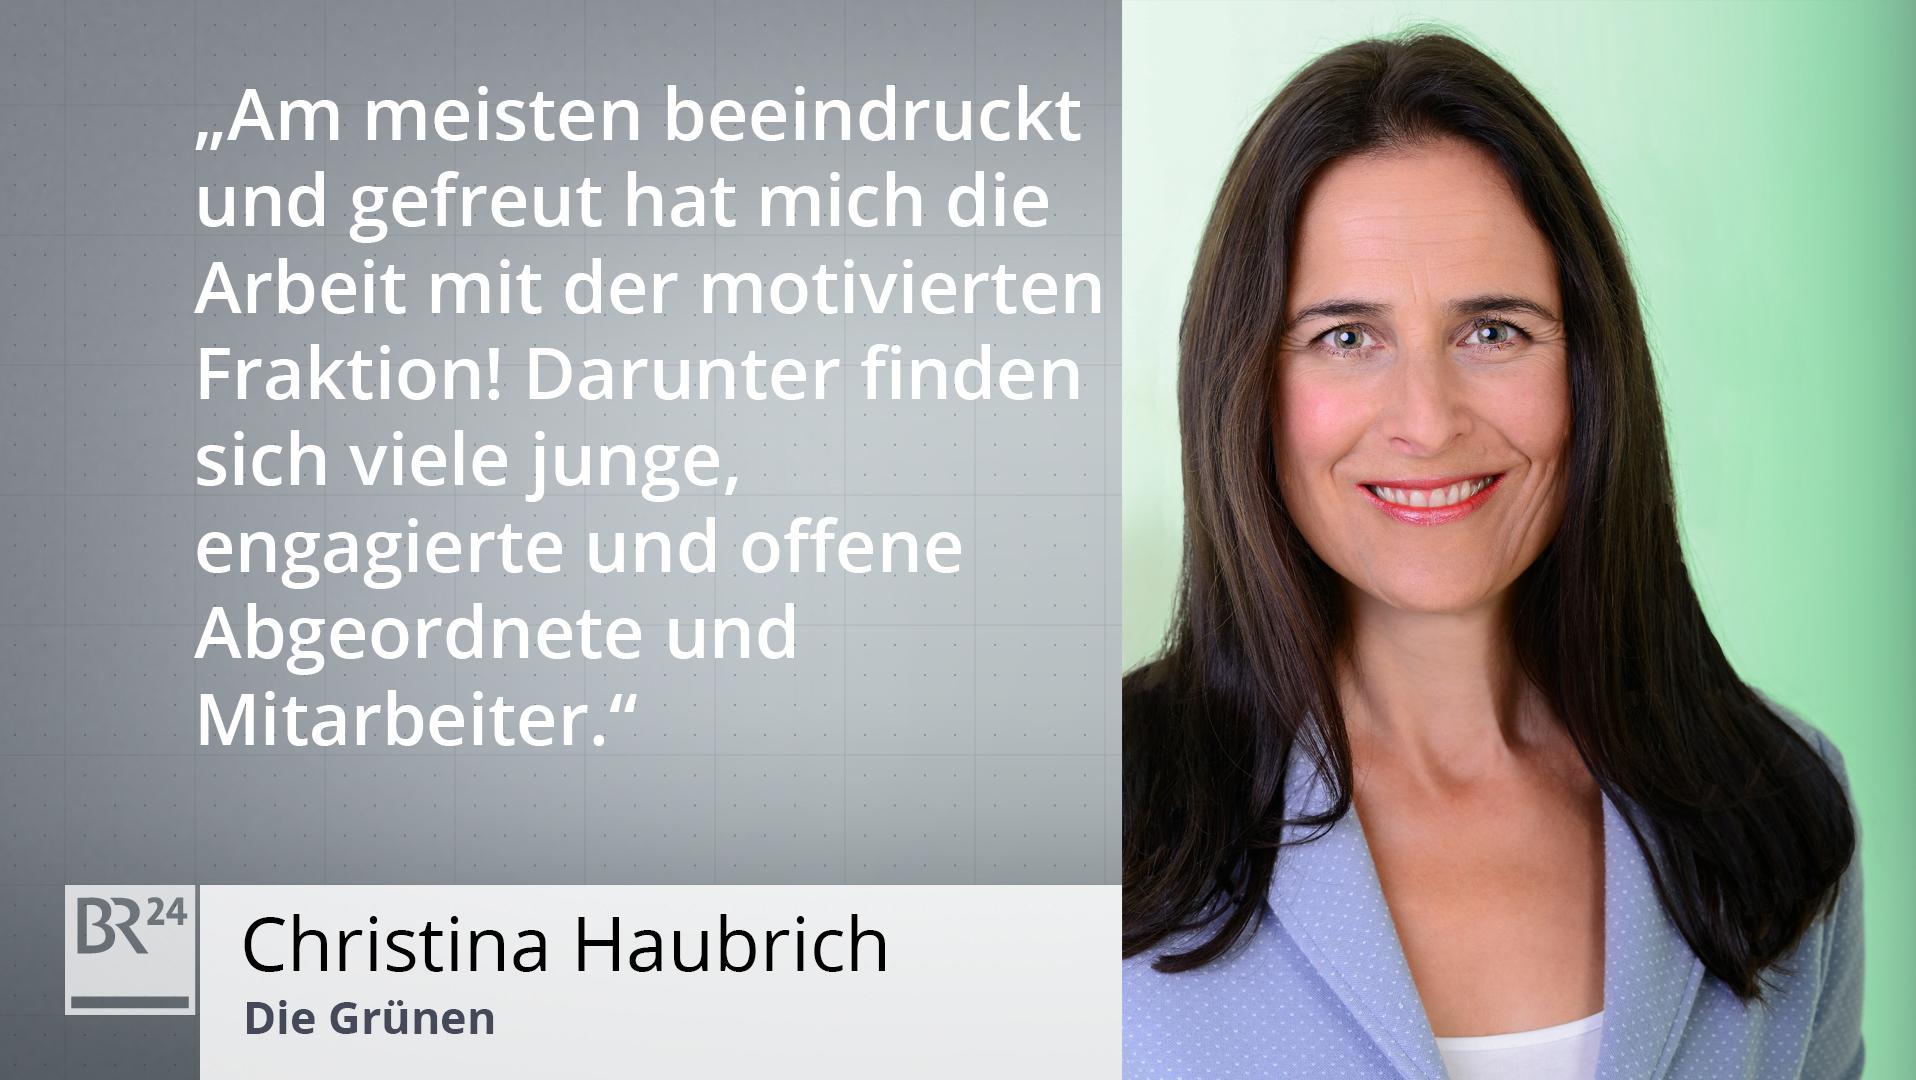 Potrait Christina Haubrich / Die Grünen